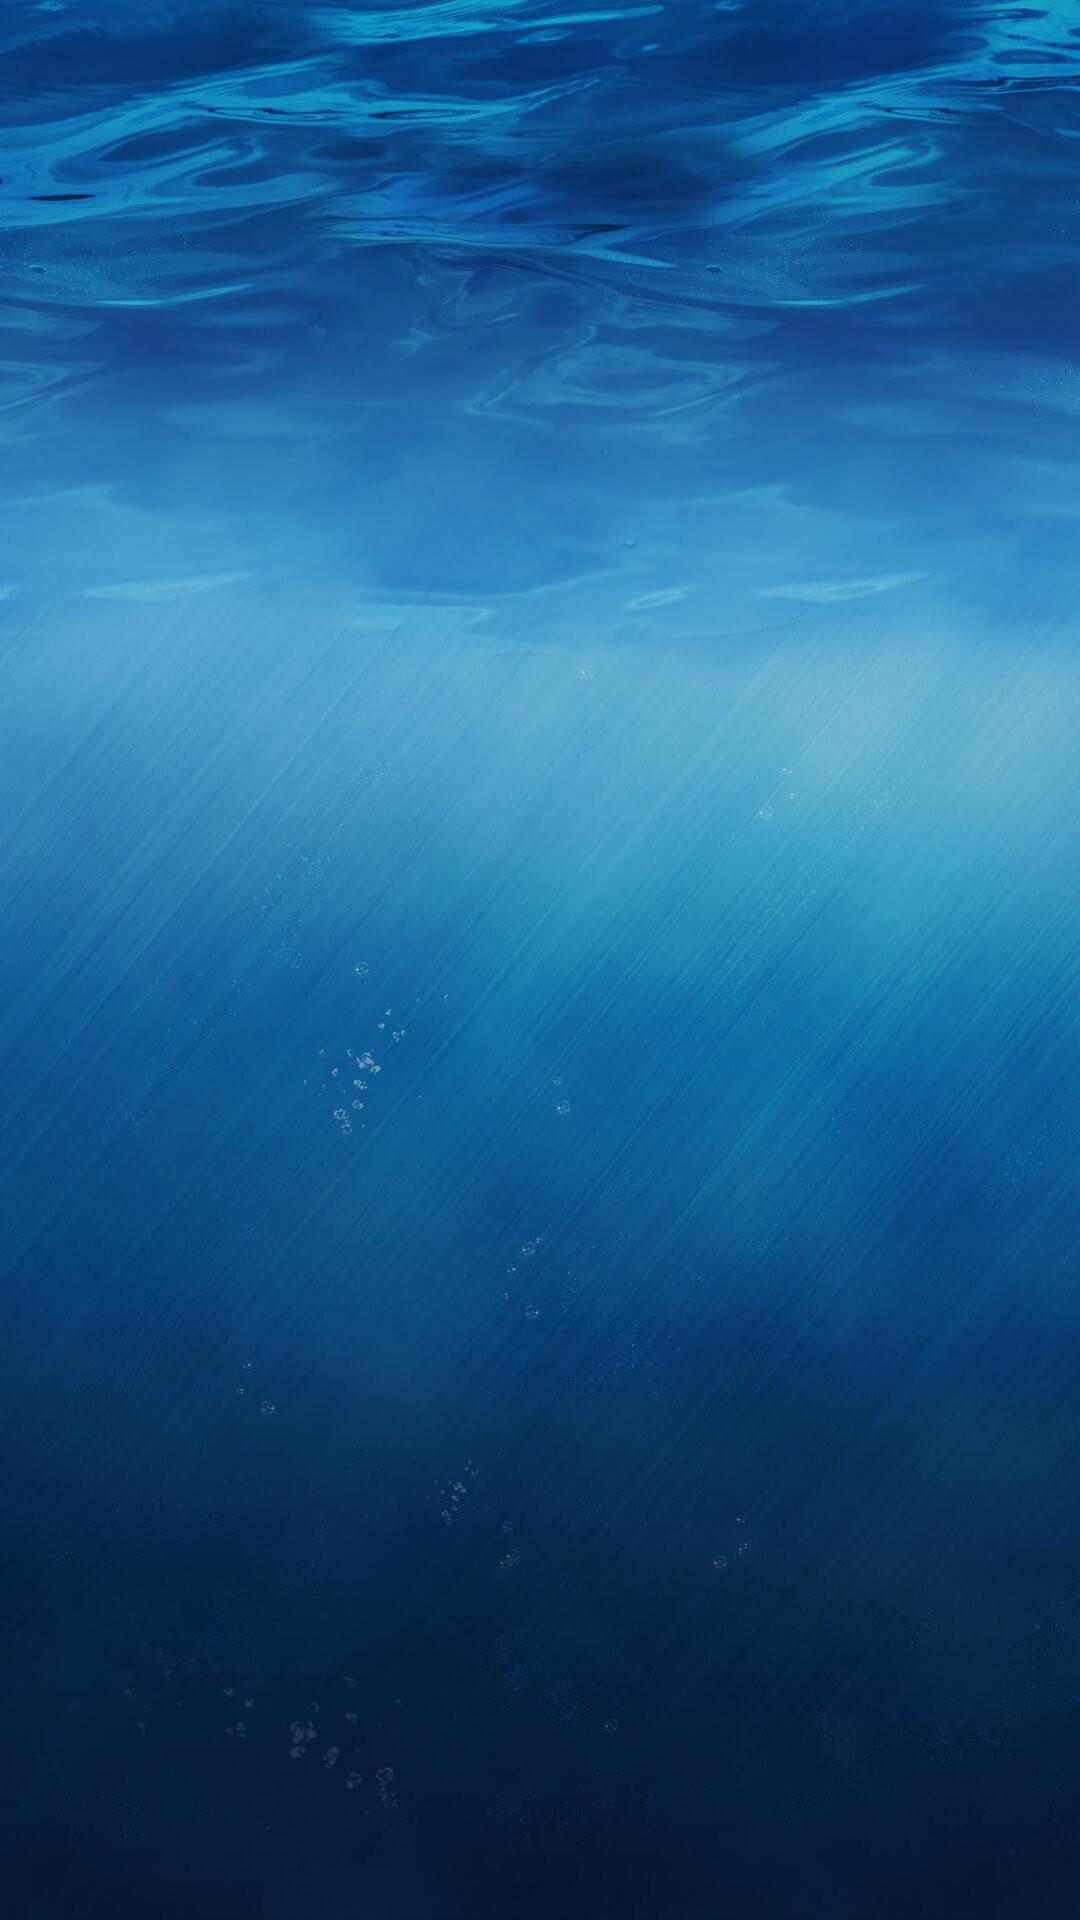 Underwater Tumblr Background